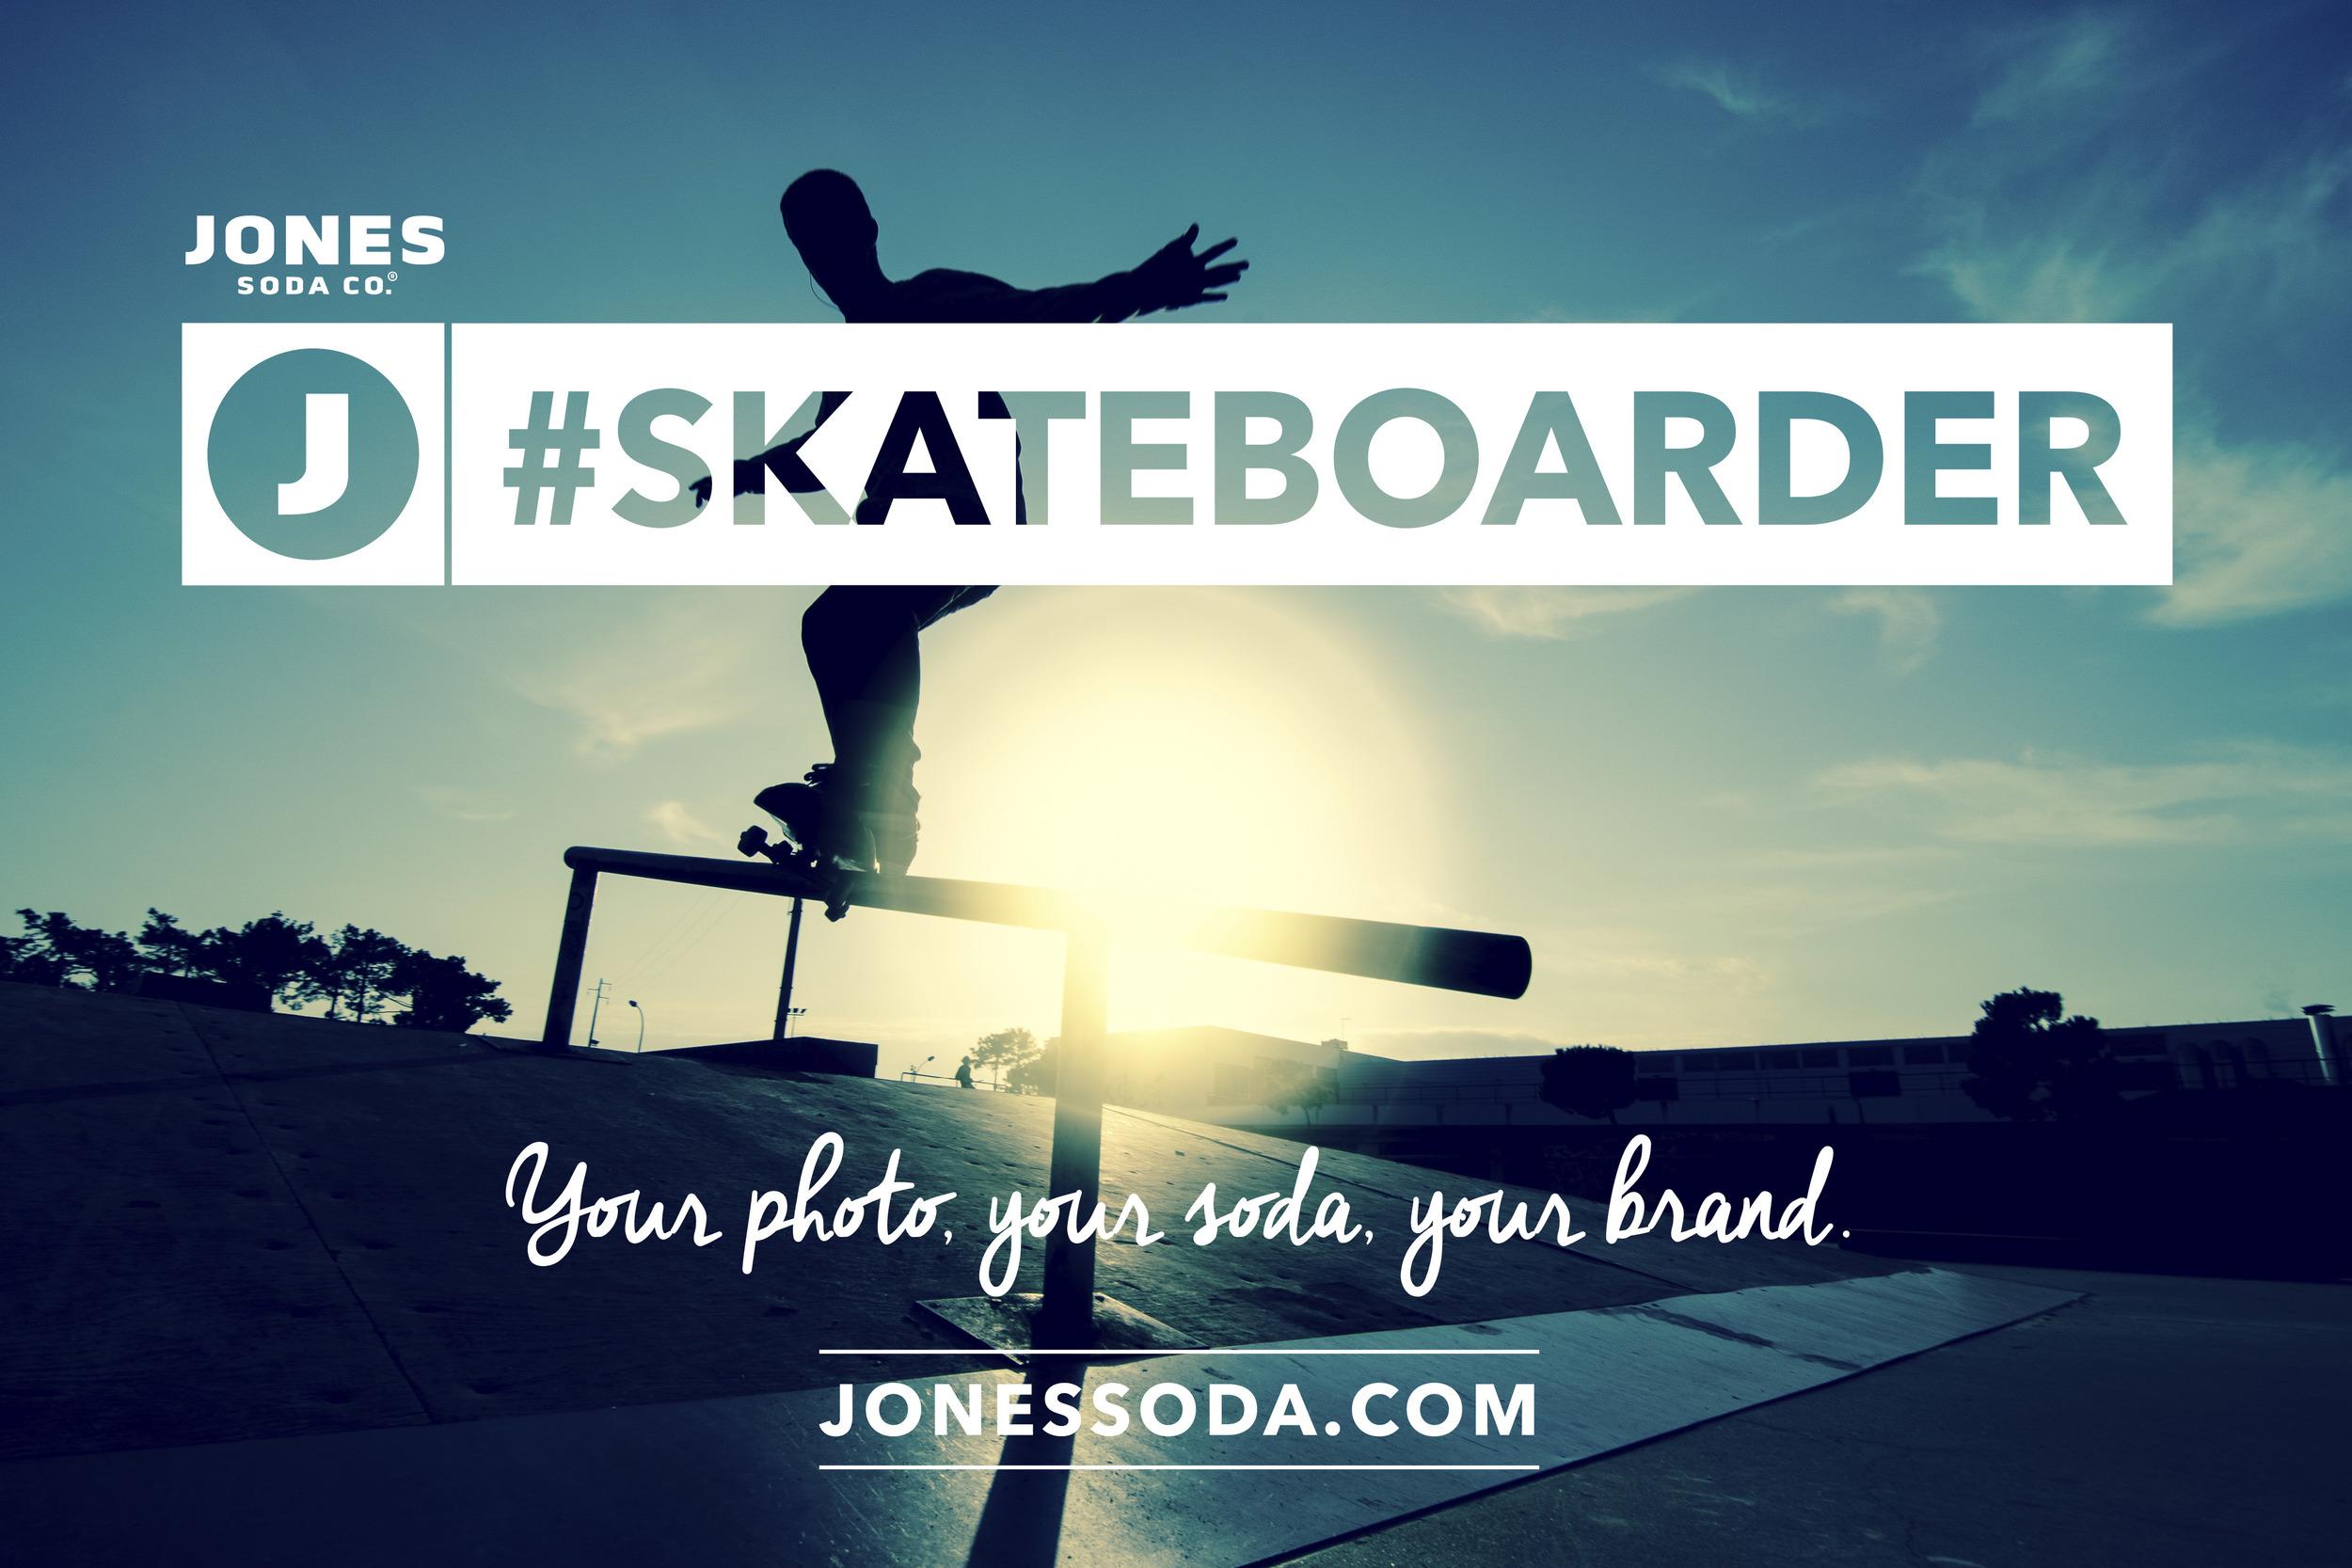 Jones_Billboard_Skateboarder_web.jpg